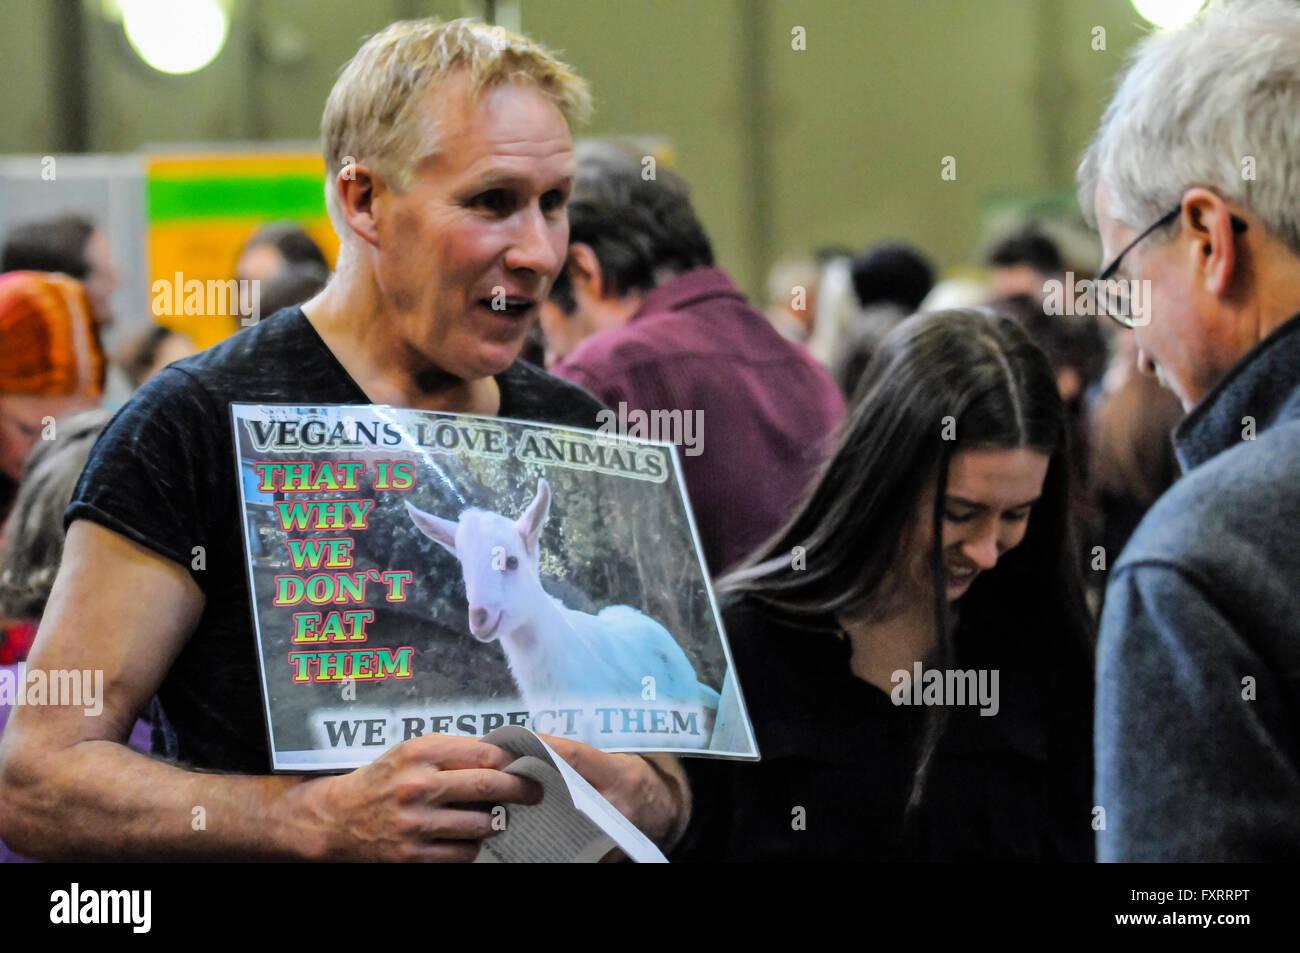 Un militant des droits des animaux vegan essaie de convaincre un autre de devenir végétalien. Photo Stock